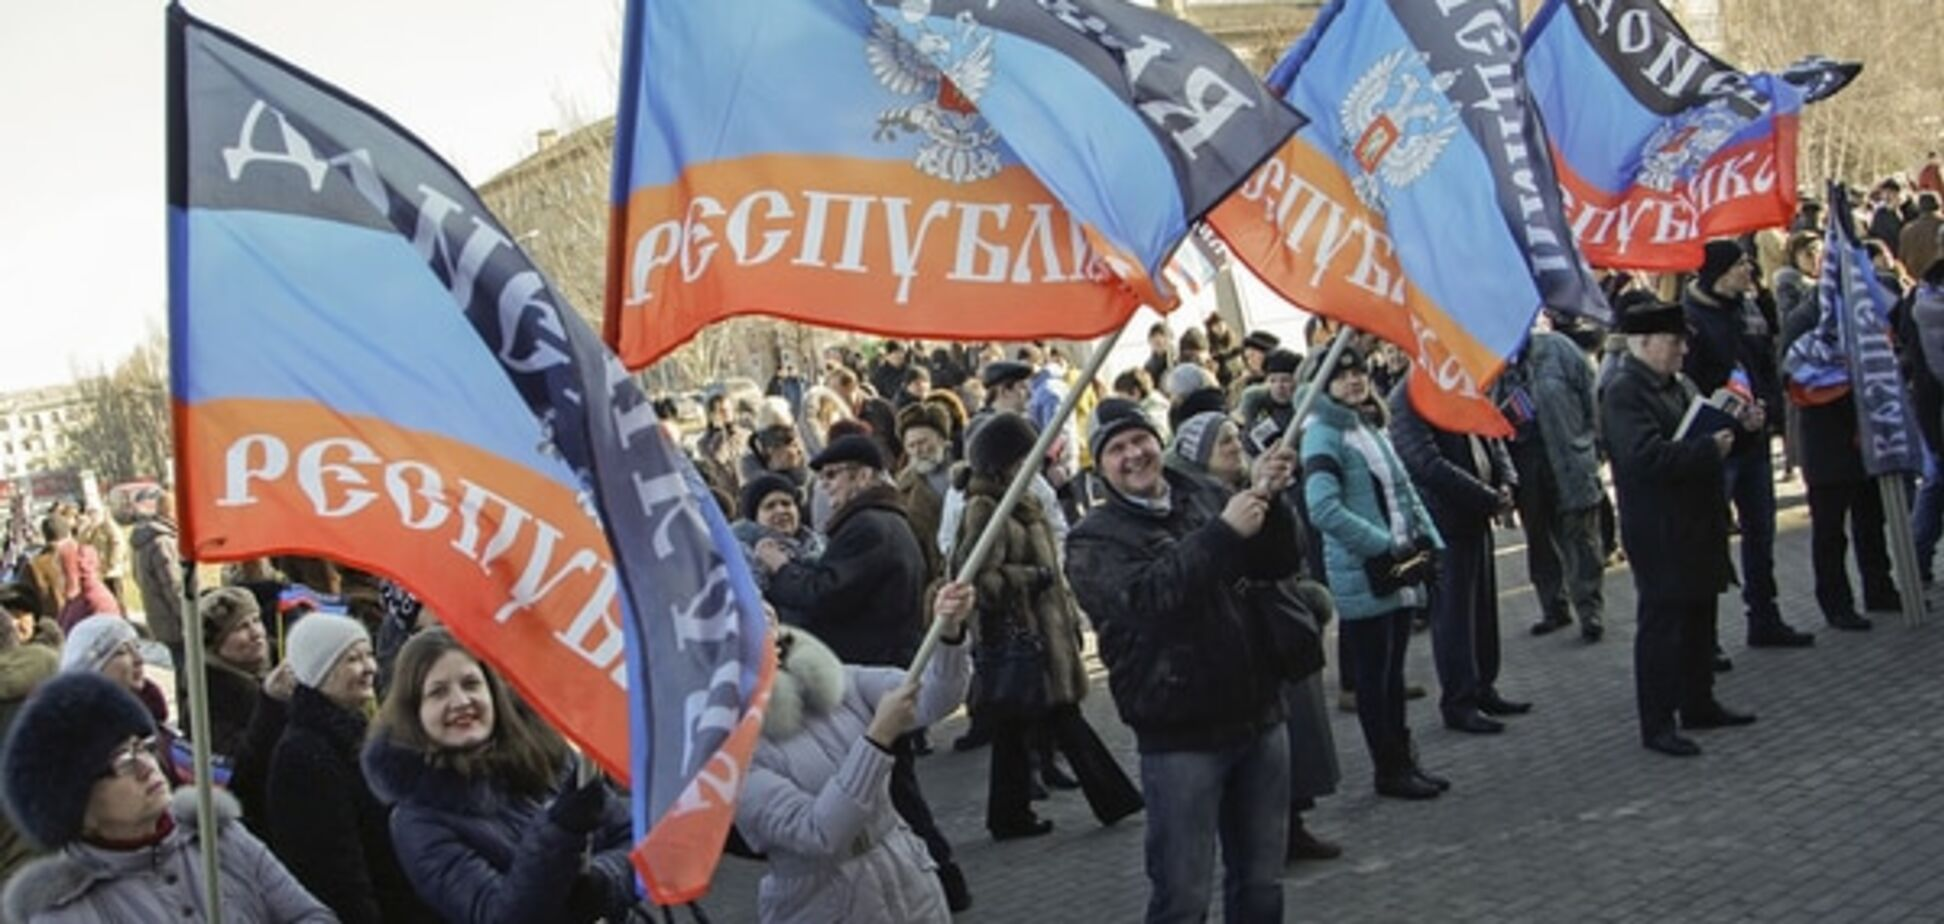 Хаос як зброя: чому Росія вдається до терактів в Україні